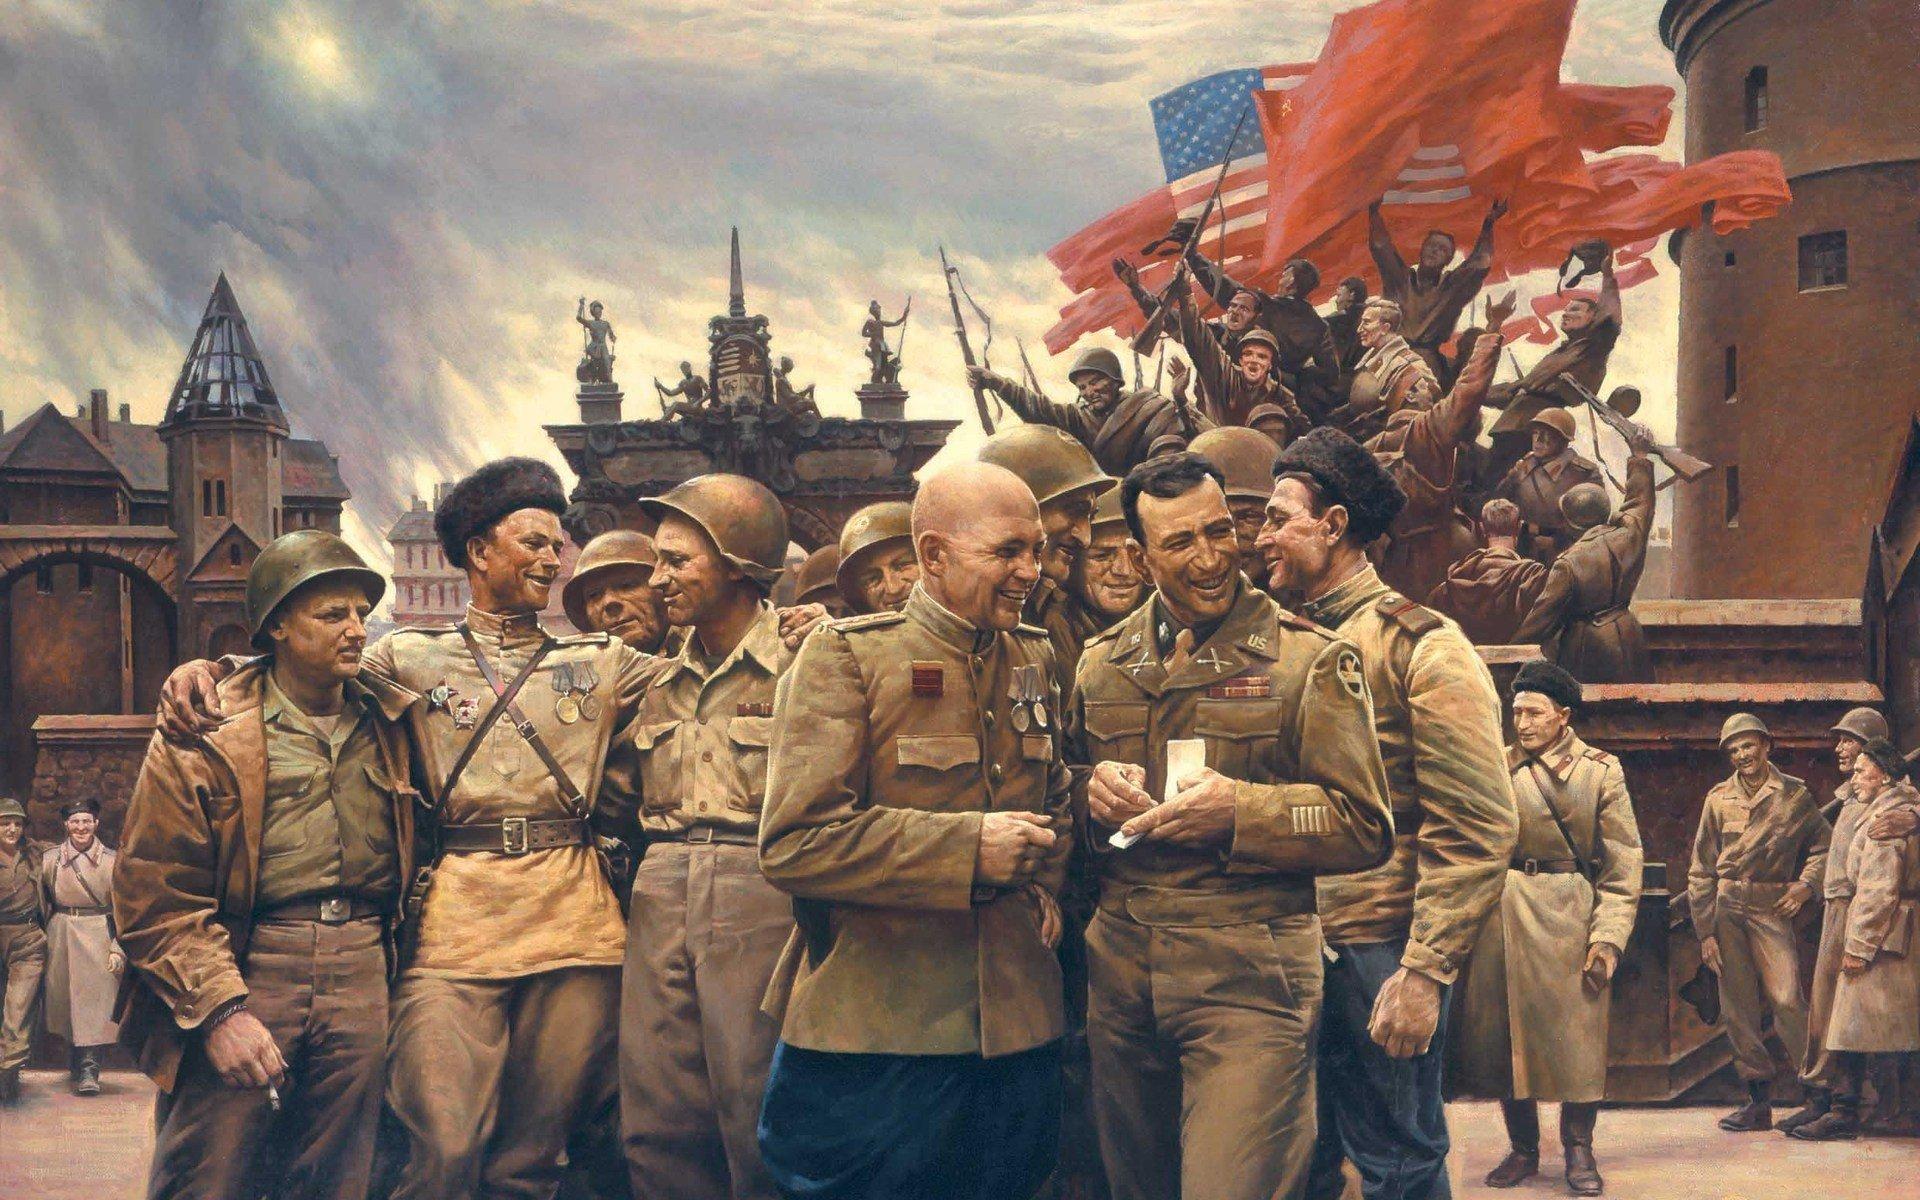 World war 2 ww2 wallpapers hd for desktop backgrounds - World war ii wallpaper ...